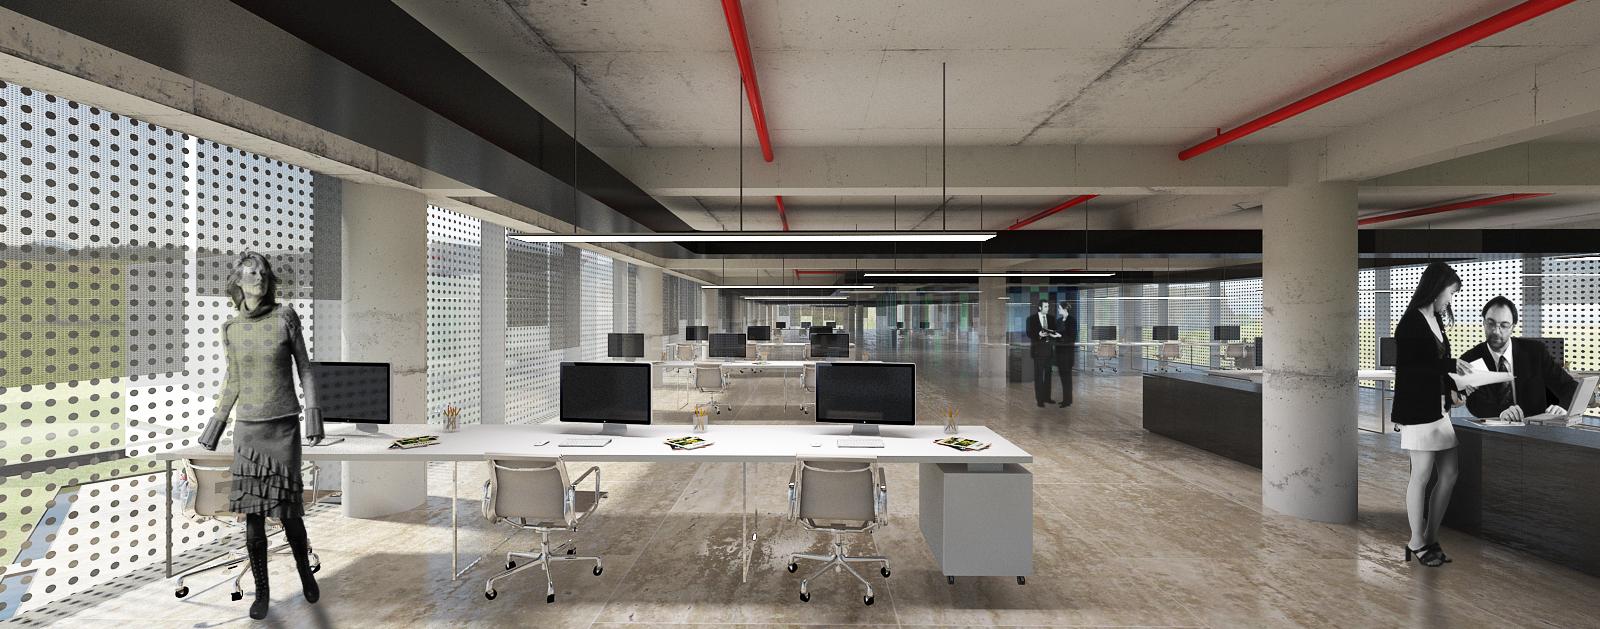 oficina png.jpg